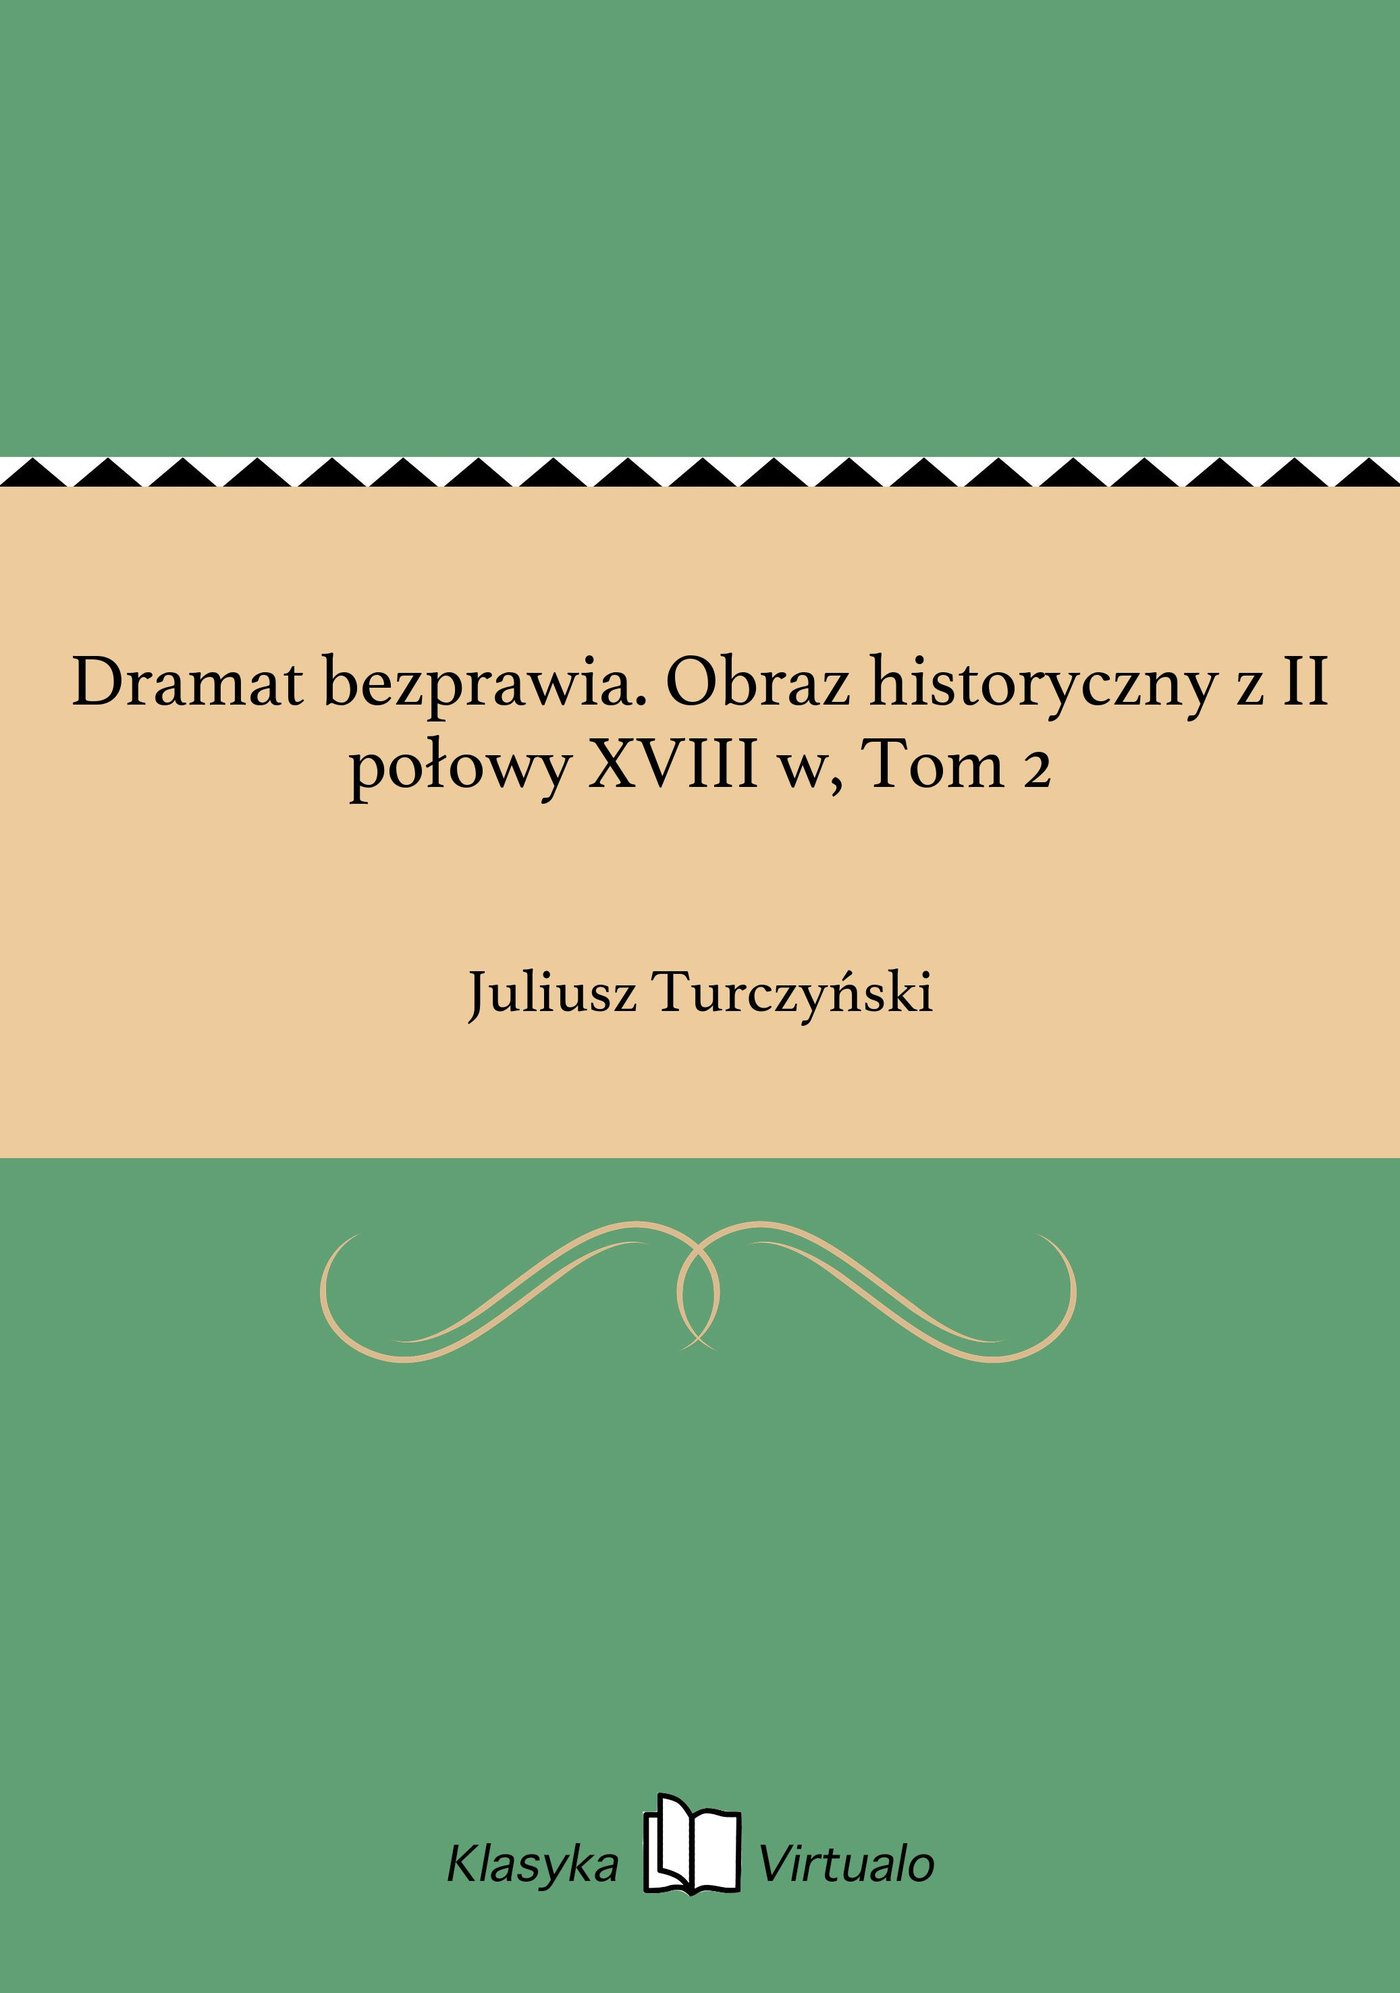 Dramat bezprawia. Obraz historyczny z II połowy XVIII w, Tom 2 - Ebook (Książka na Kindle) do pobrania w formacie MOBI